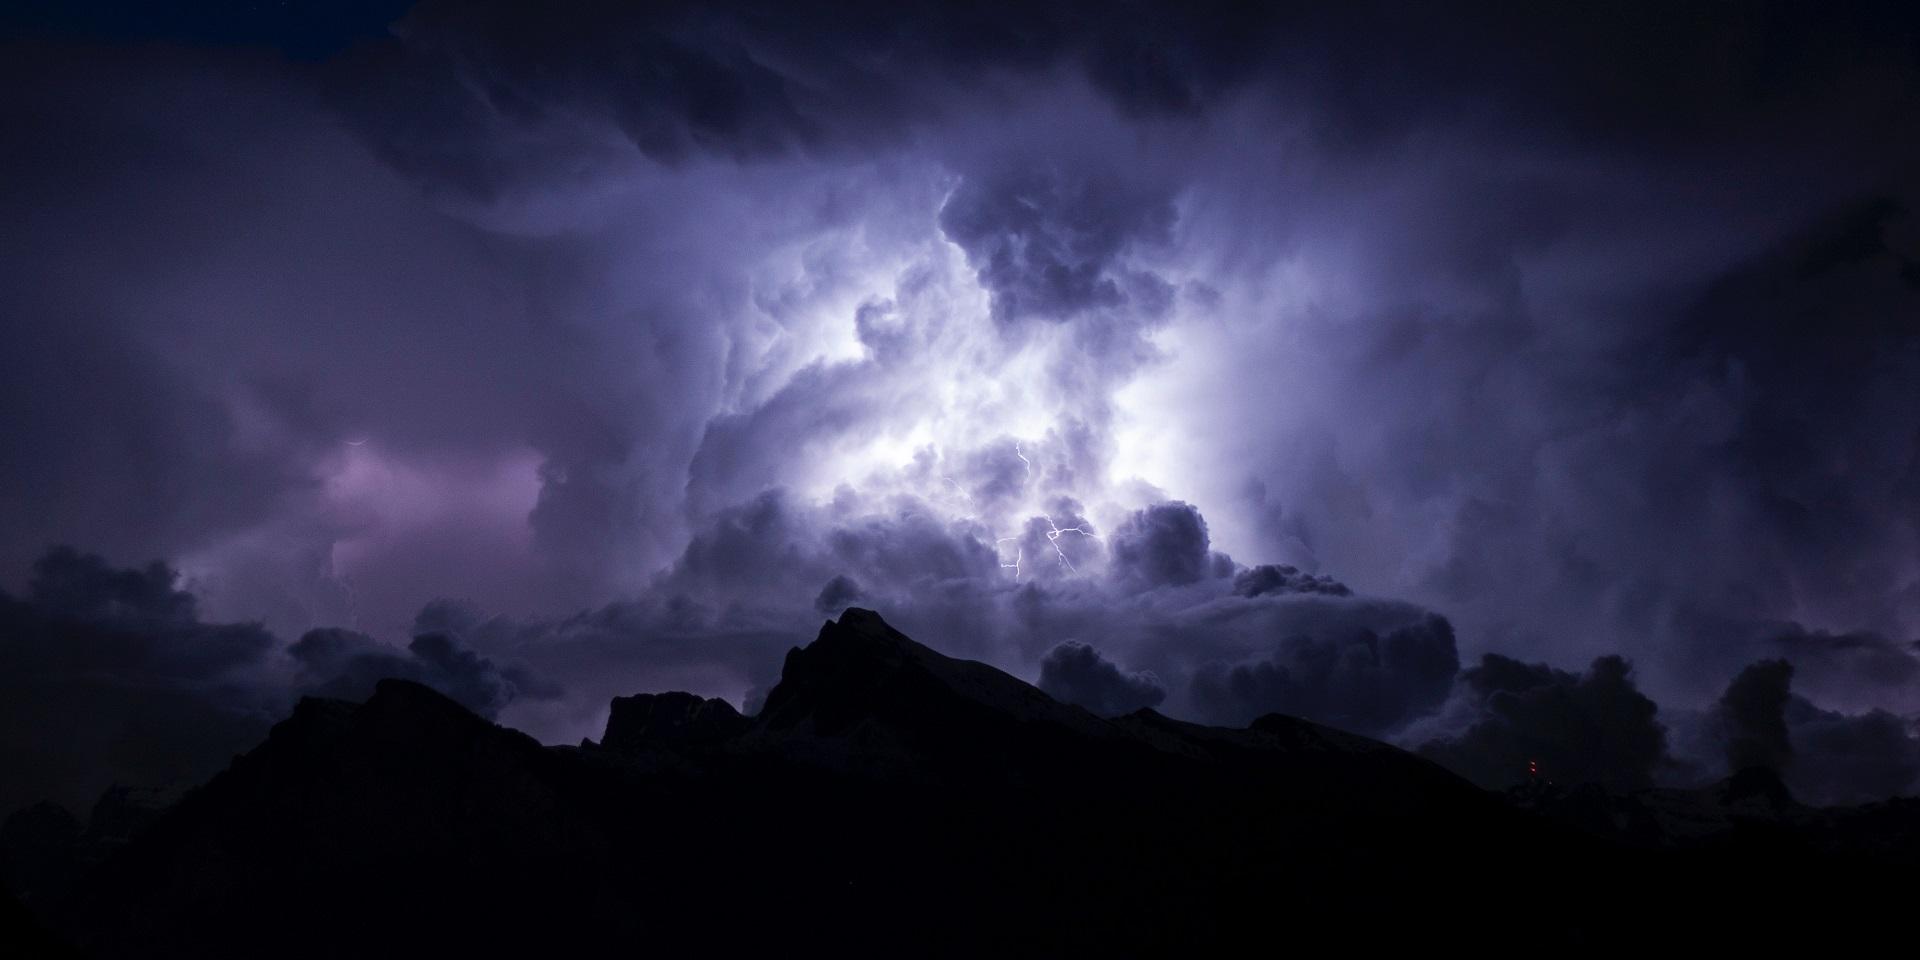 lightning-strike-in-clouds.jpg